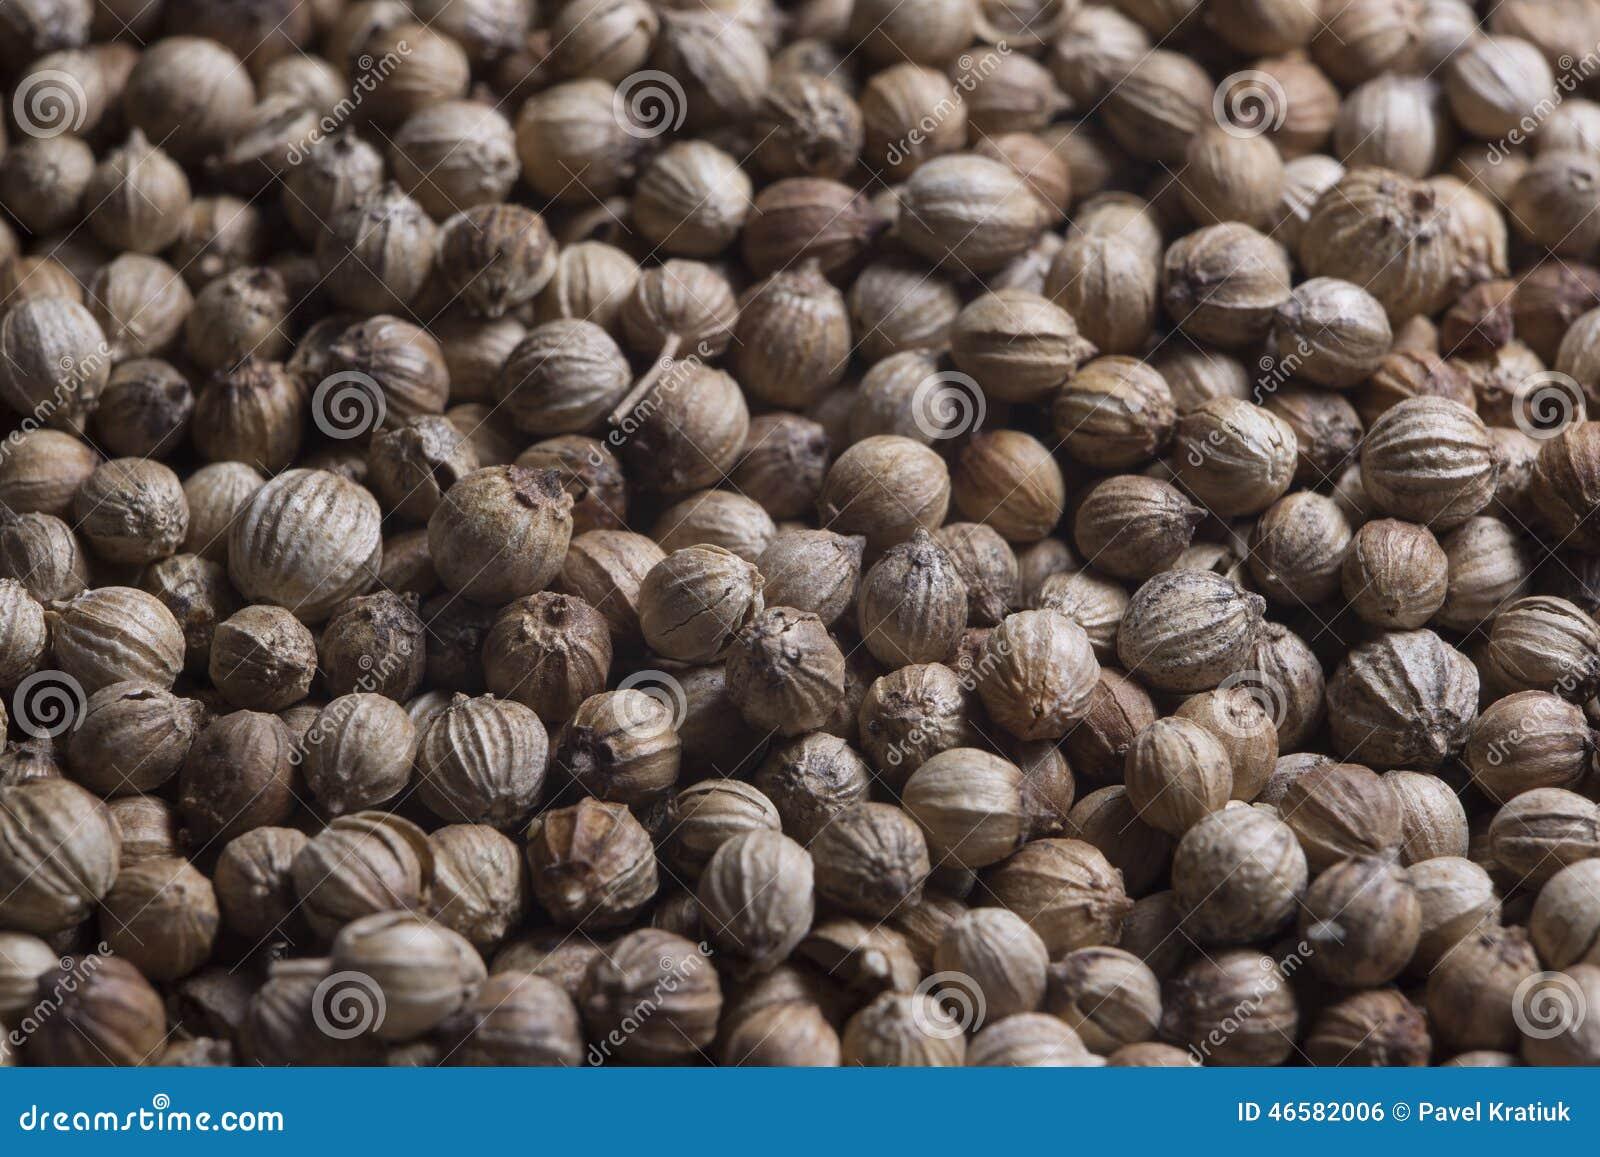 Van de de kruidenspecerij van de specerijkoriander de korianderkorrel coriandre